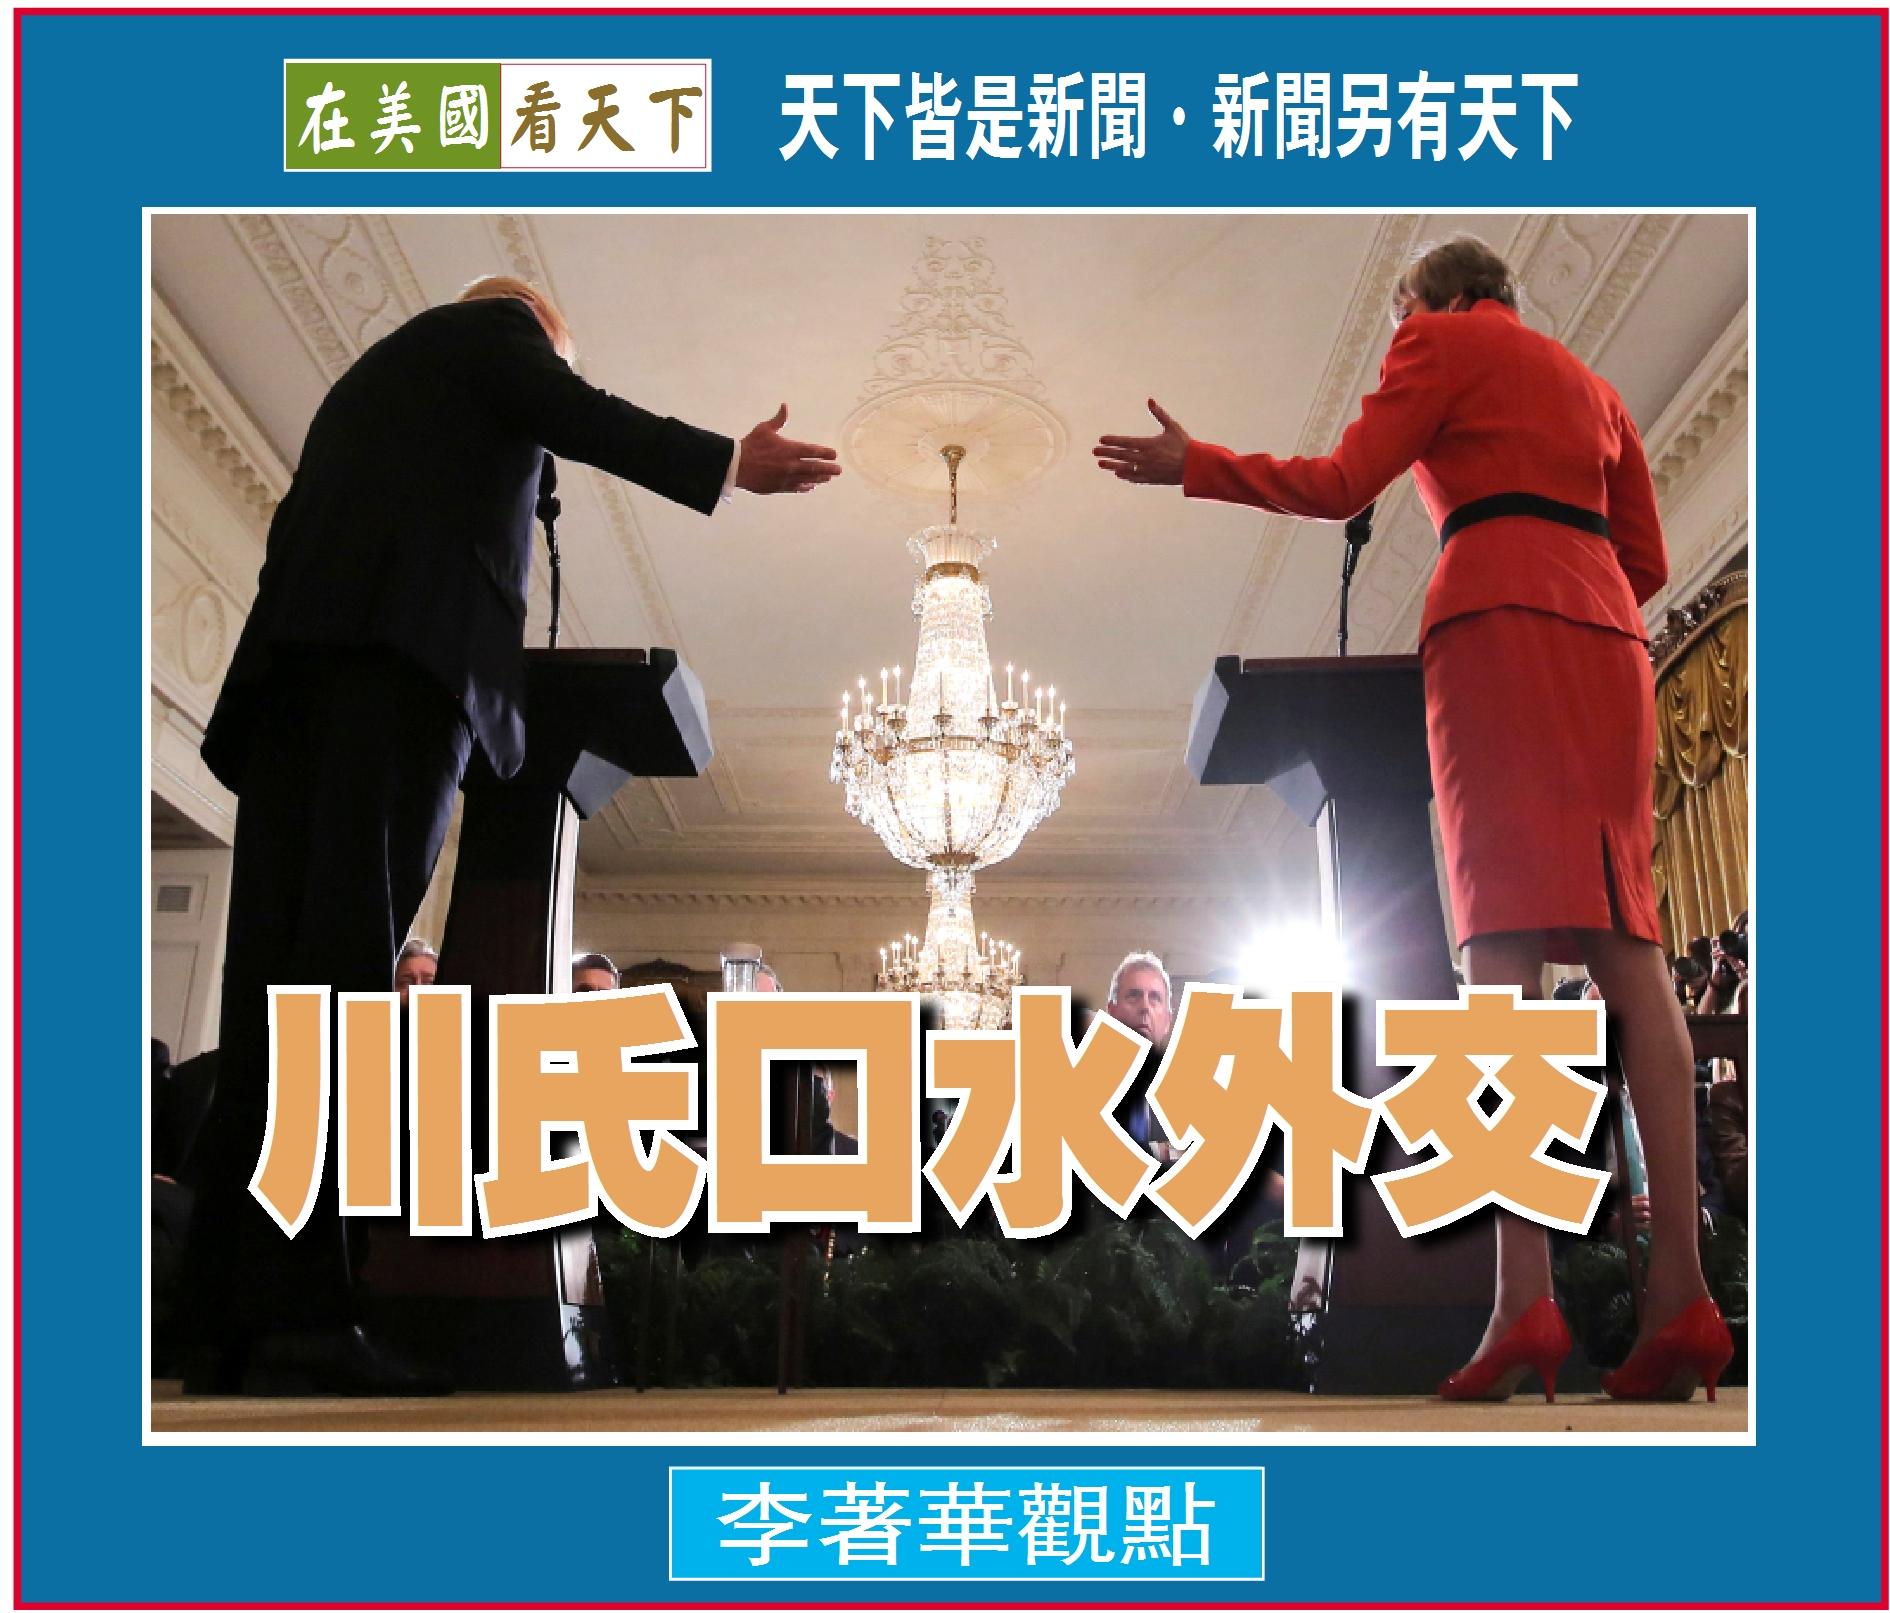 071219-川氏口水外交-1.jpg